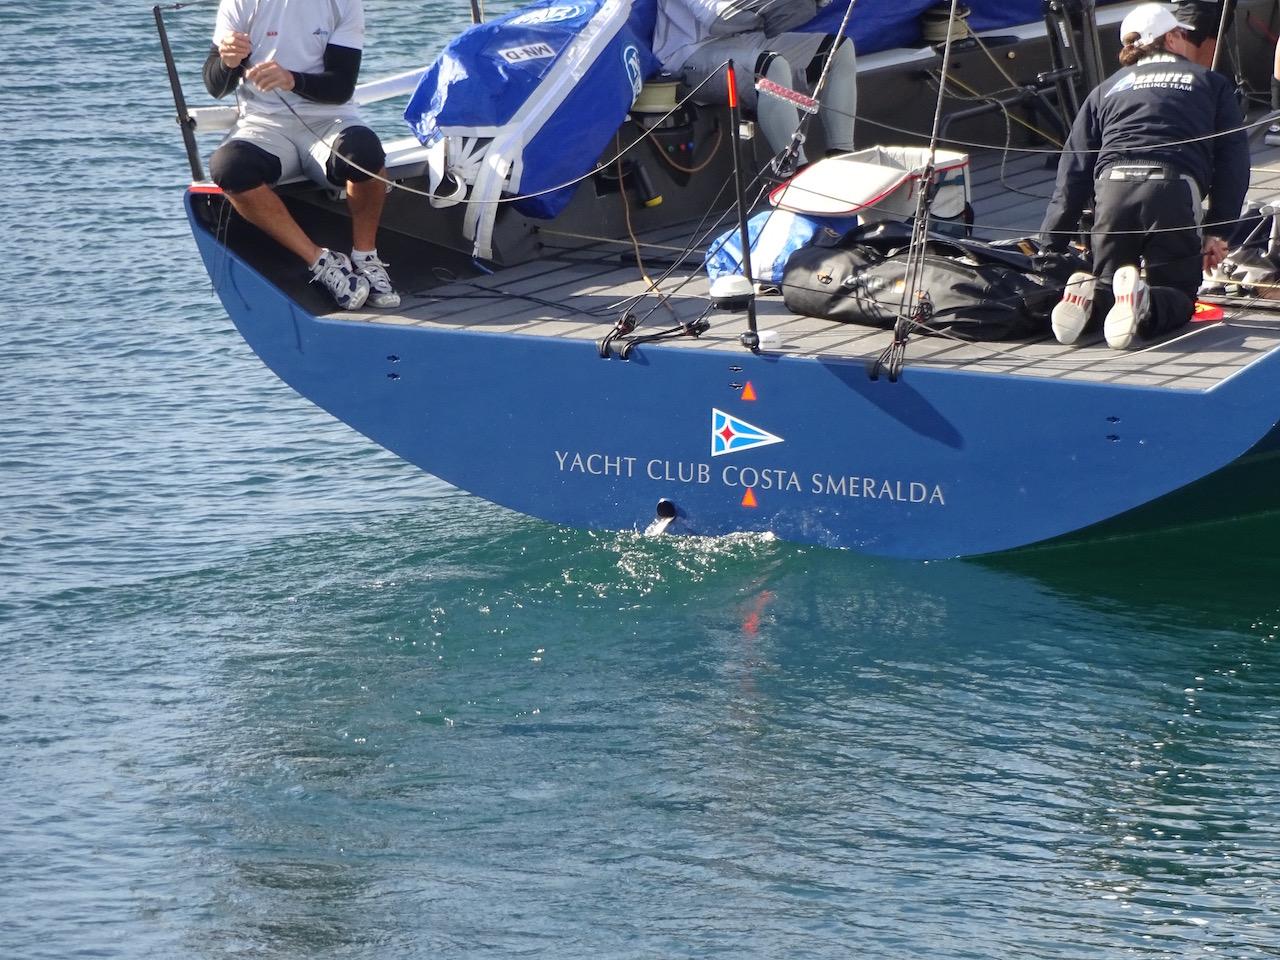 die Spielzeuge der Millionäre sind in den feinsten Yachtklubs der Welt gemeldet